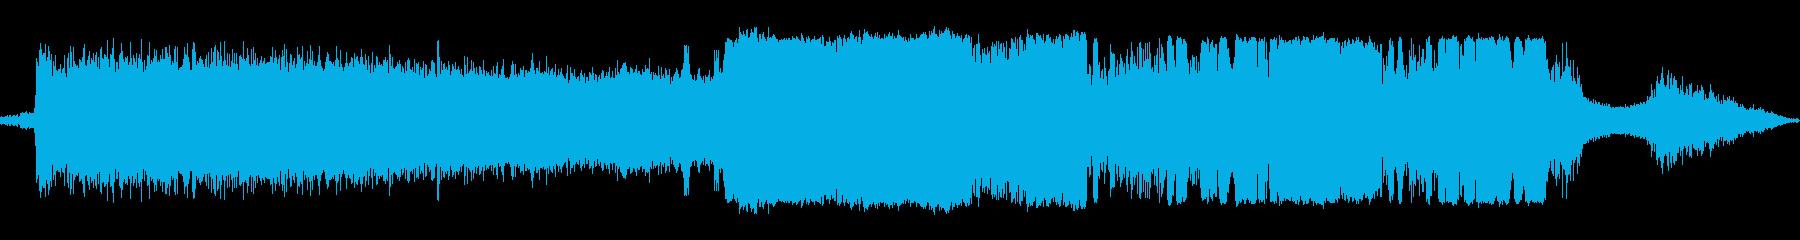 マシンベルトサンダーエアー各種速度の再生済みの波形